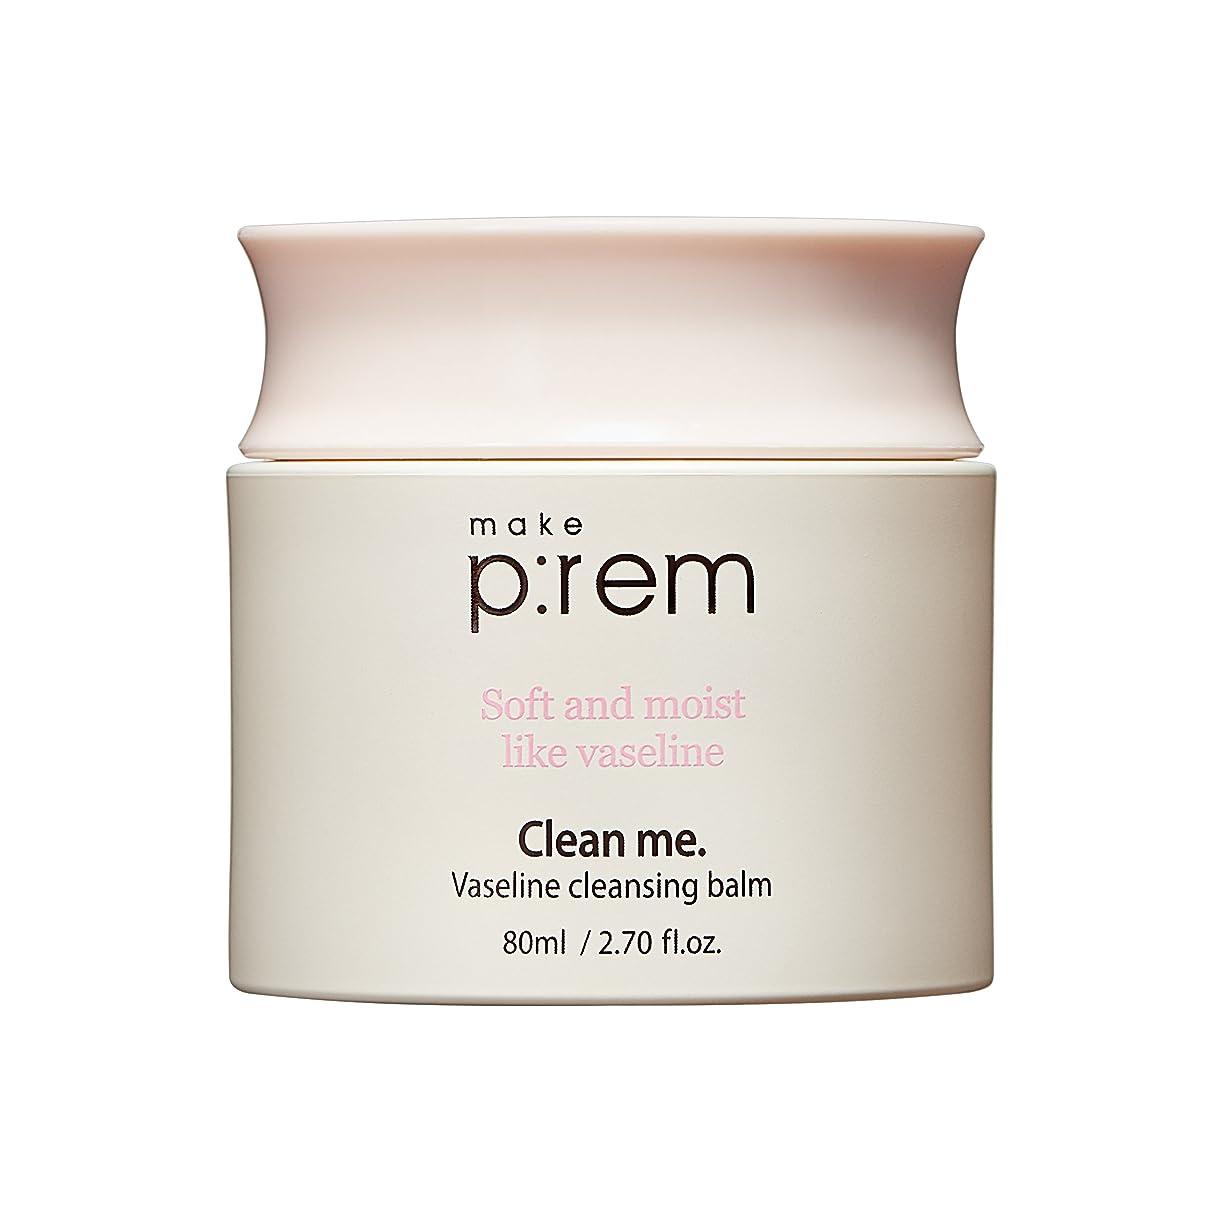 集中ピンポイント型[MAKE P:REM] clean me ワセリン クレンジング バーム Vaseline cleansing balm 80ml / 韓国コスメ, 韓国直送品